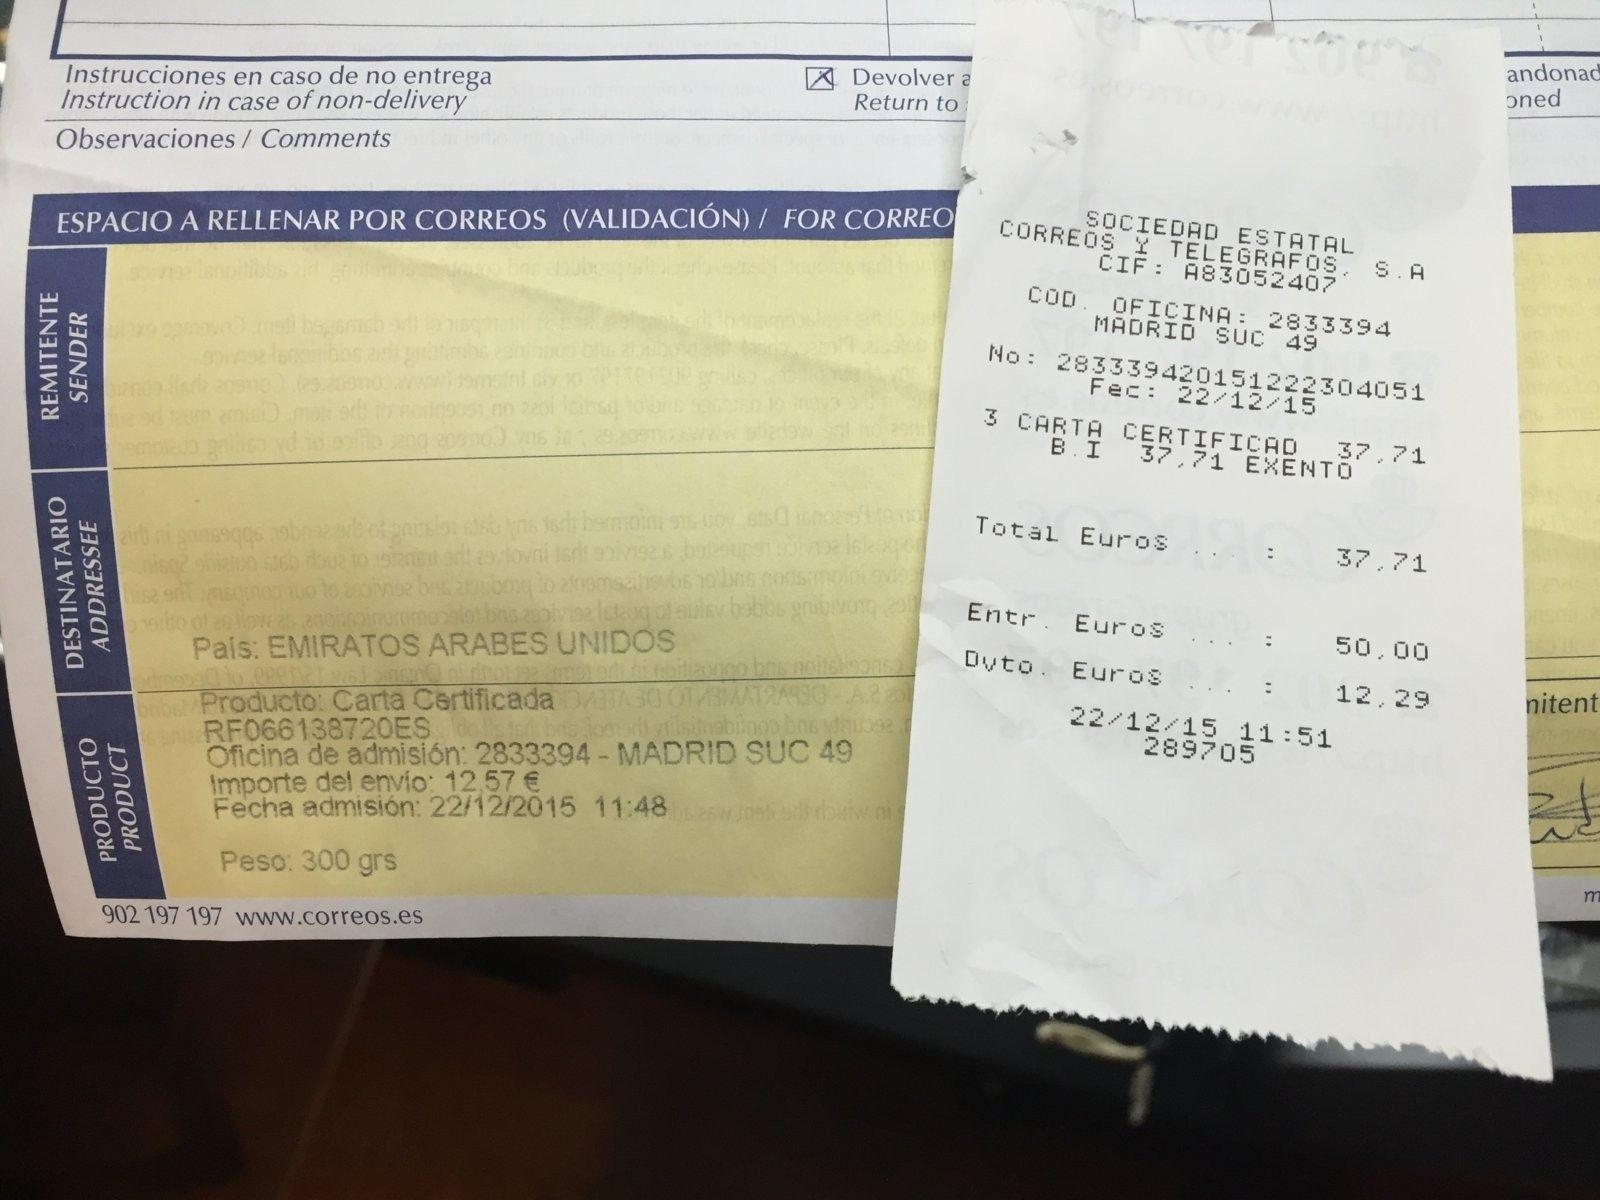 Shipping Insurance - image.jpeg